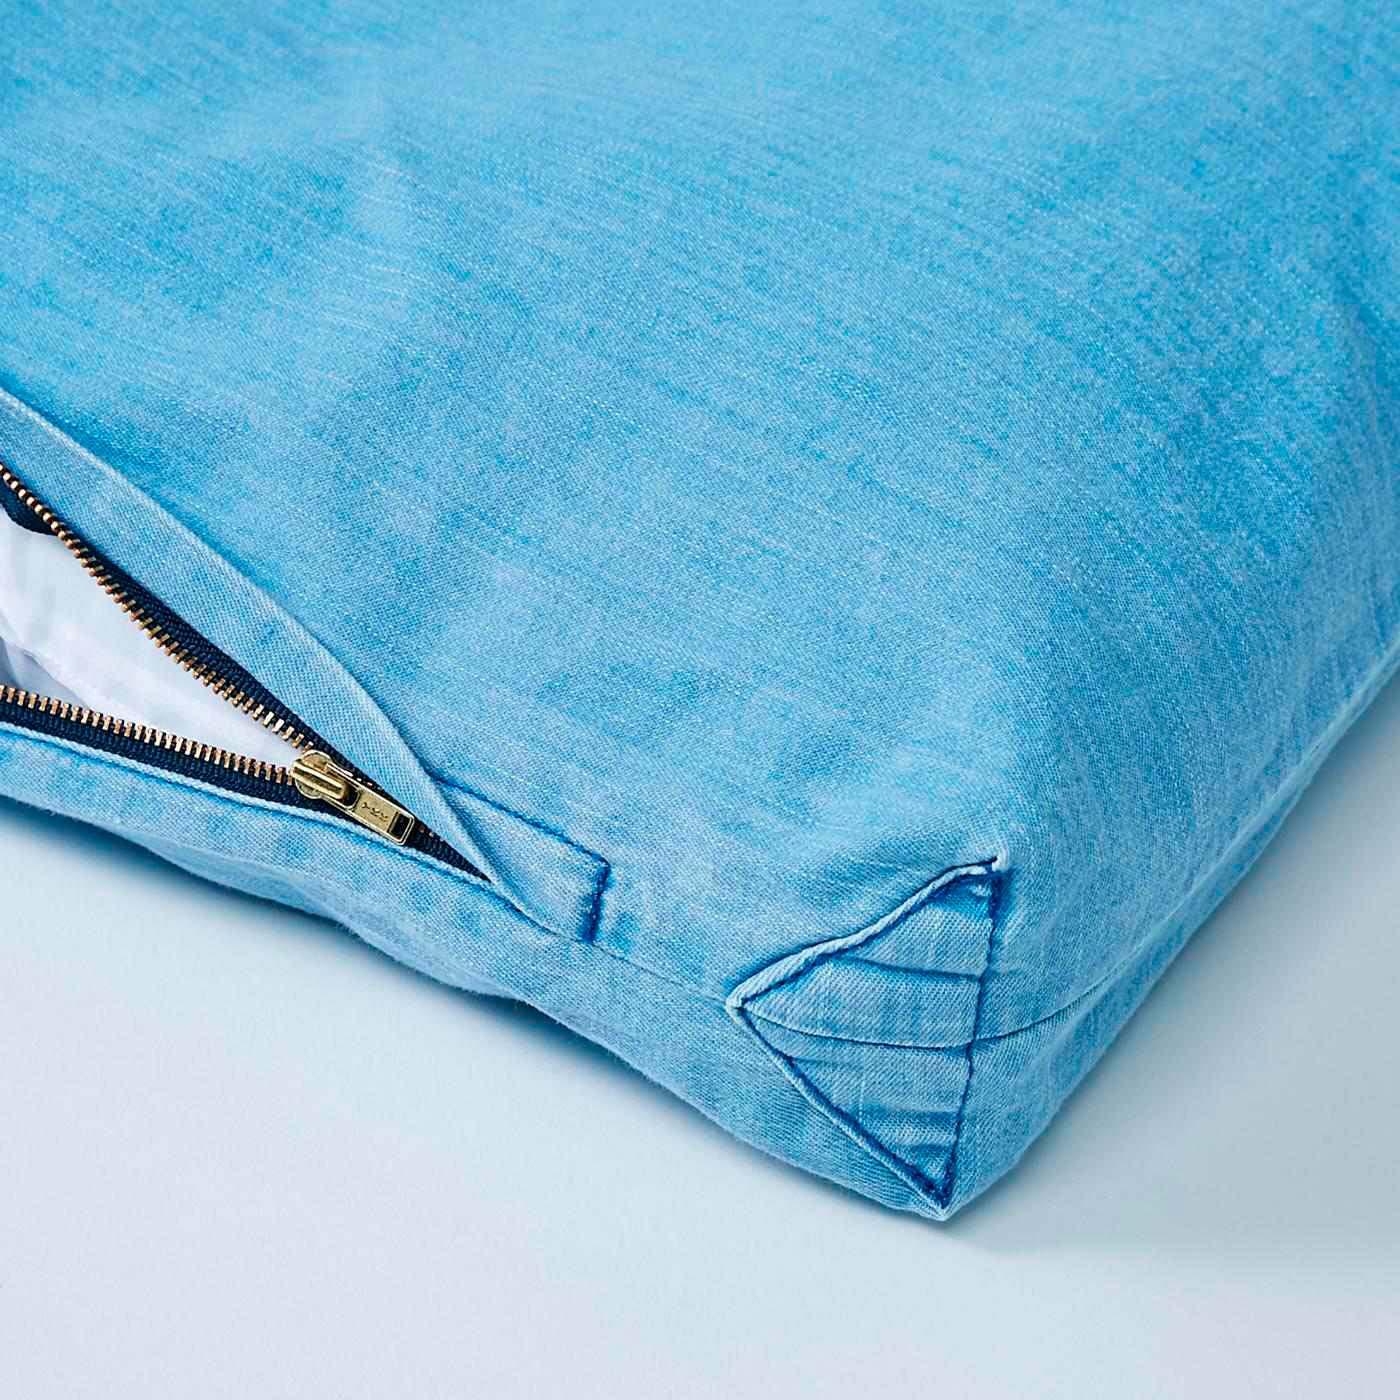 大きく開くファスナーで布団の出し入れもらくらく。